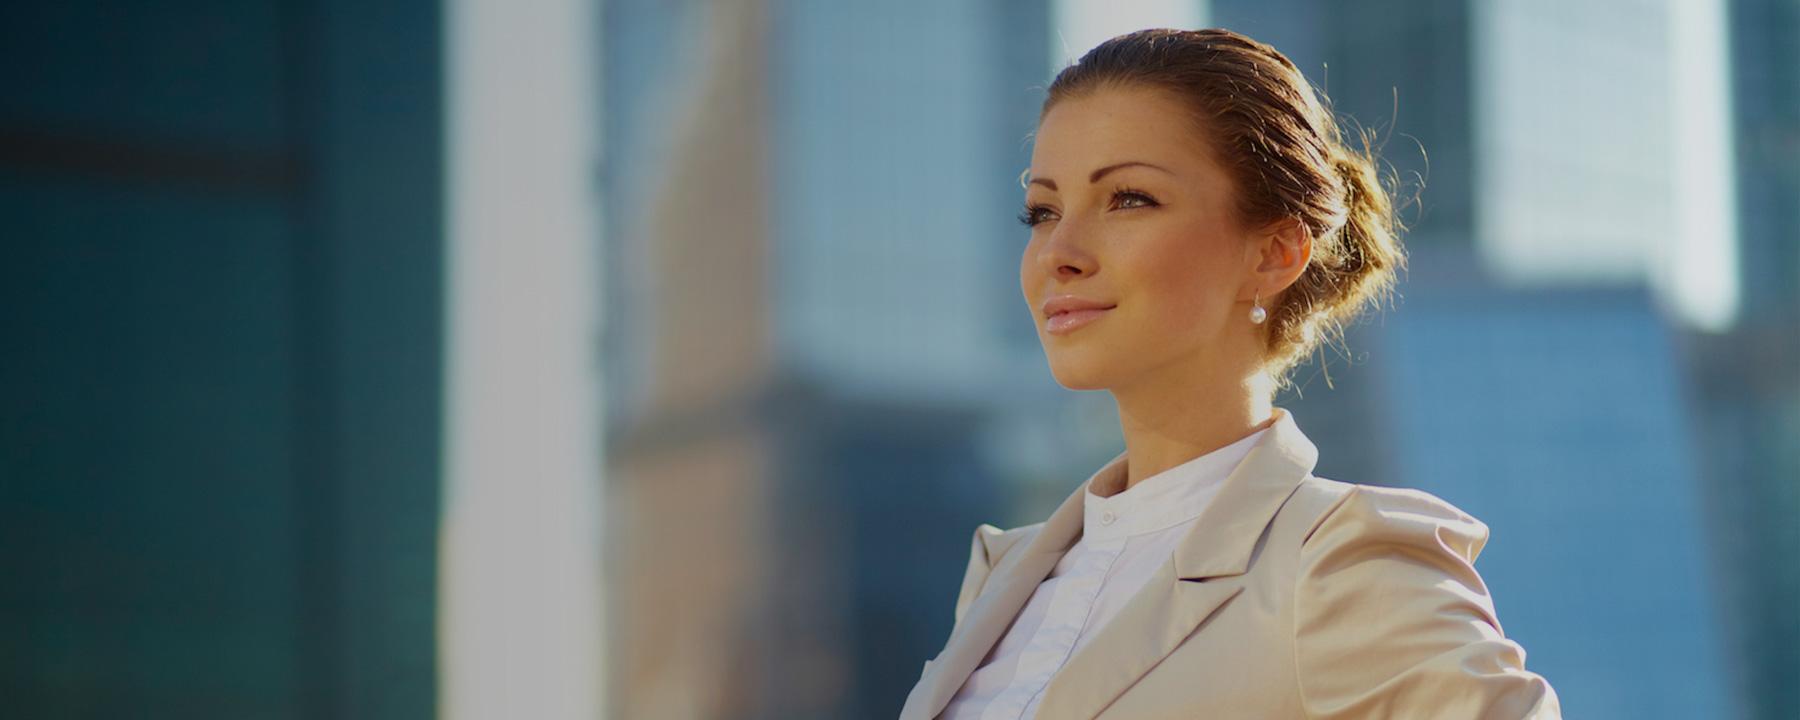 Как открыть свой бизнес через полгода после выпуска (Одесса). Фото - 3